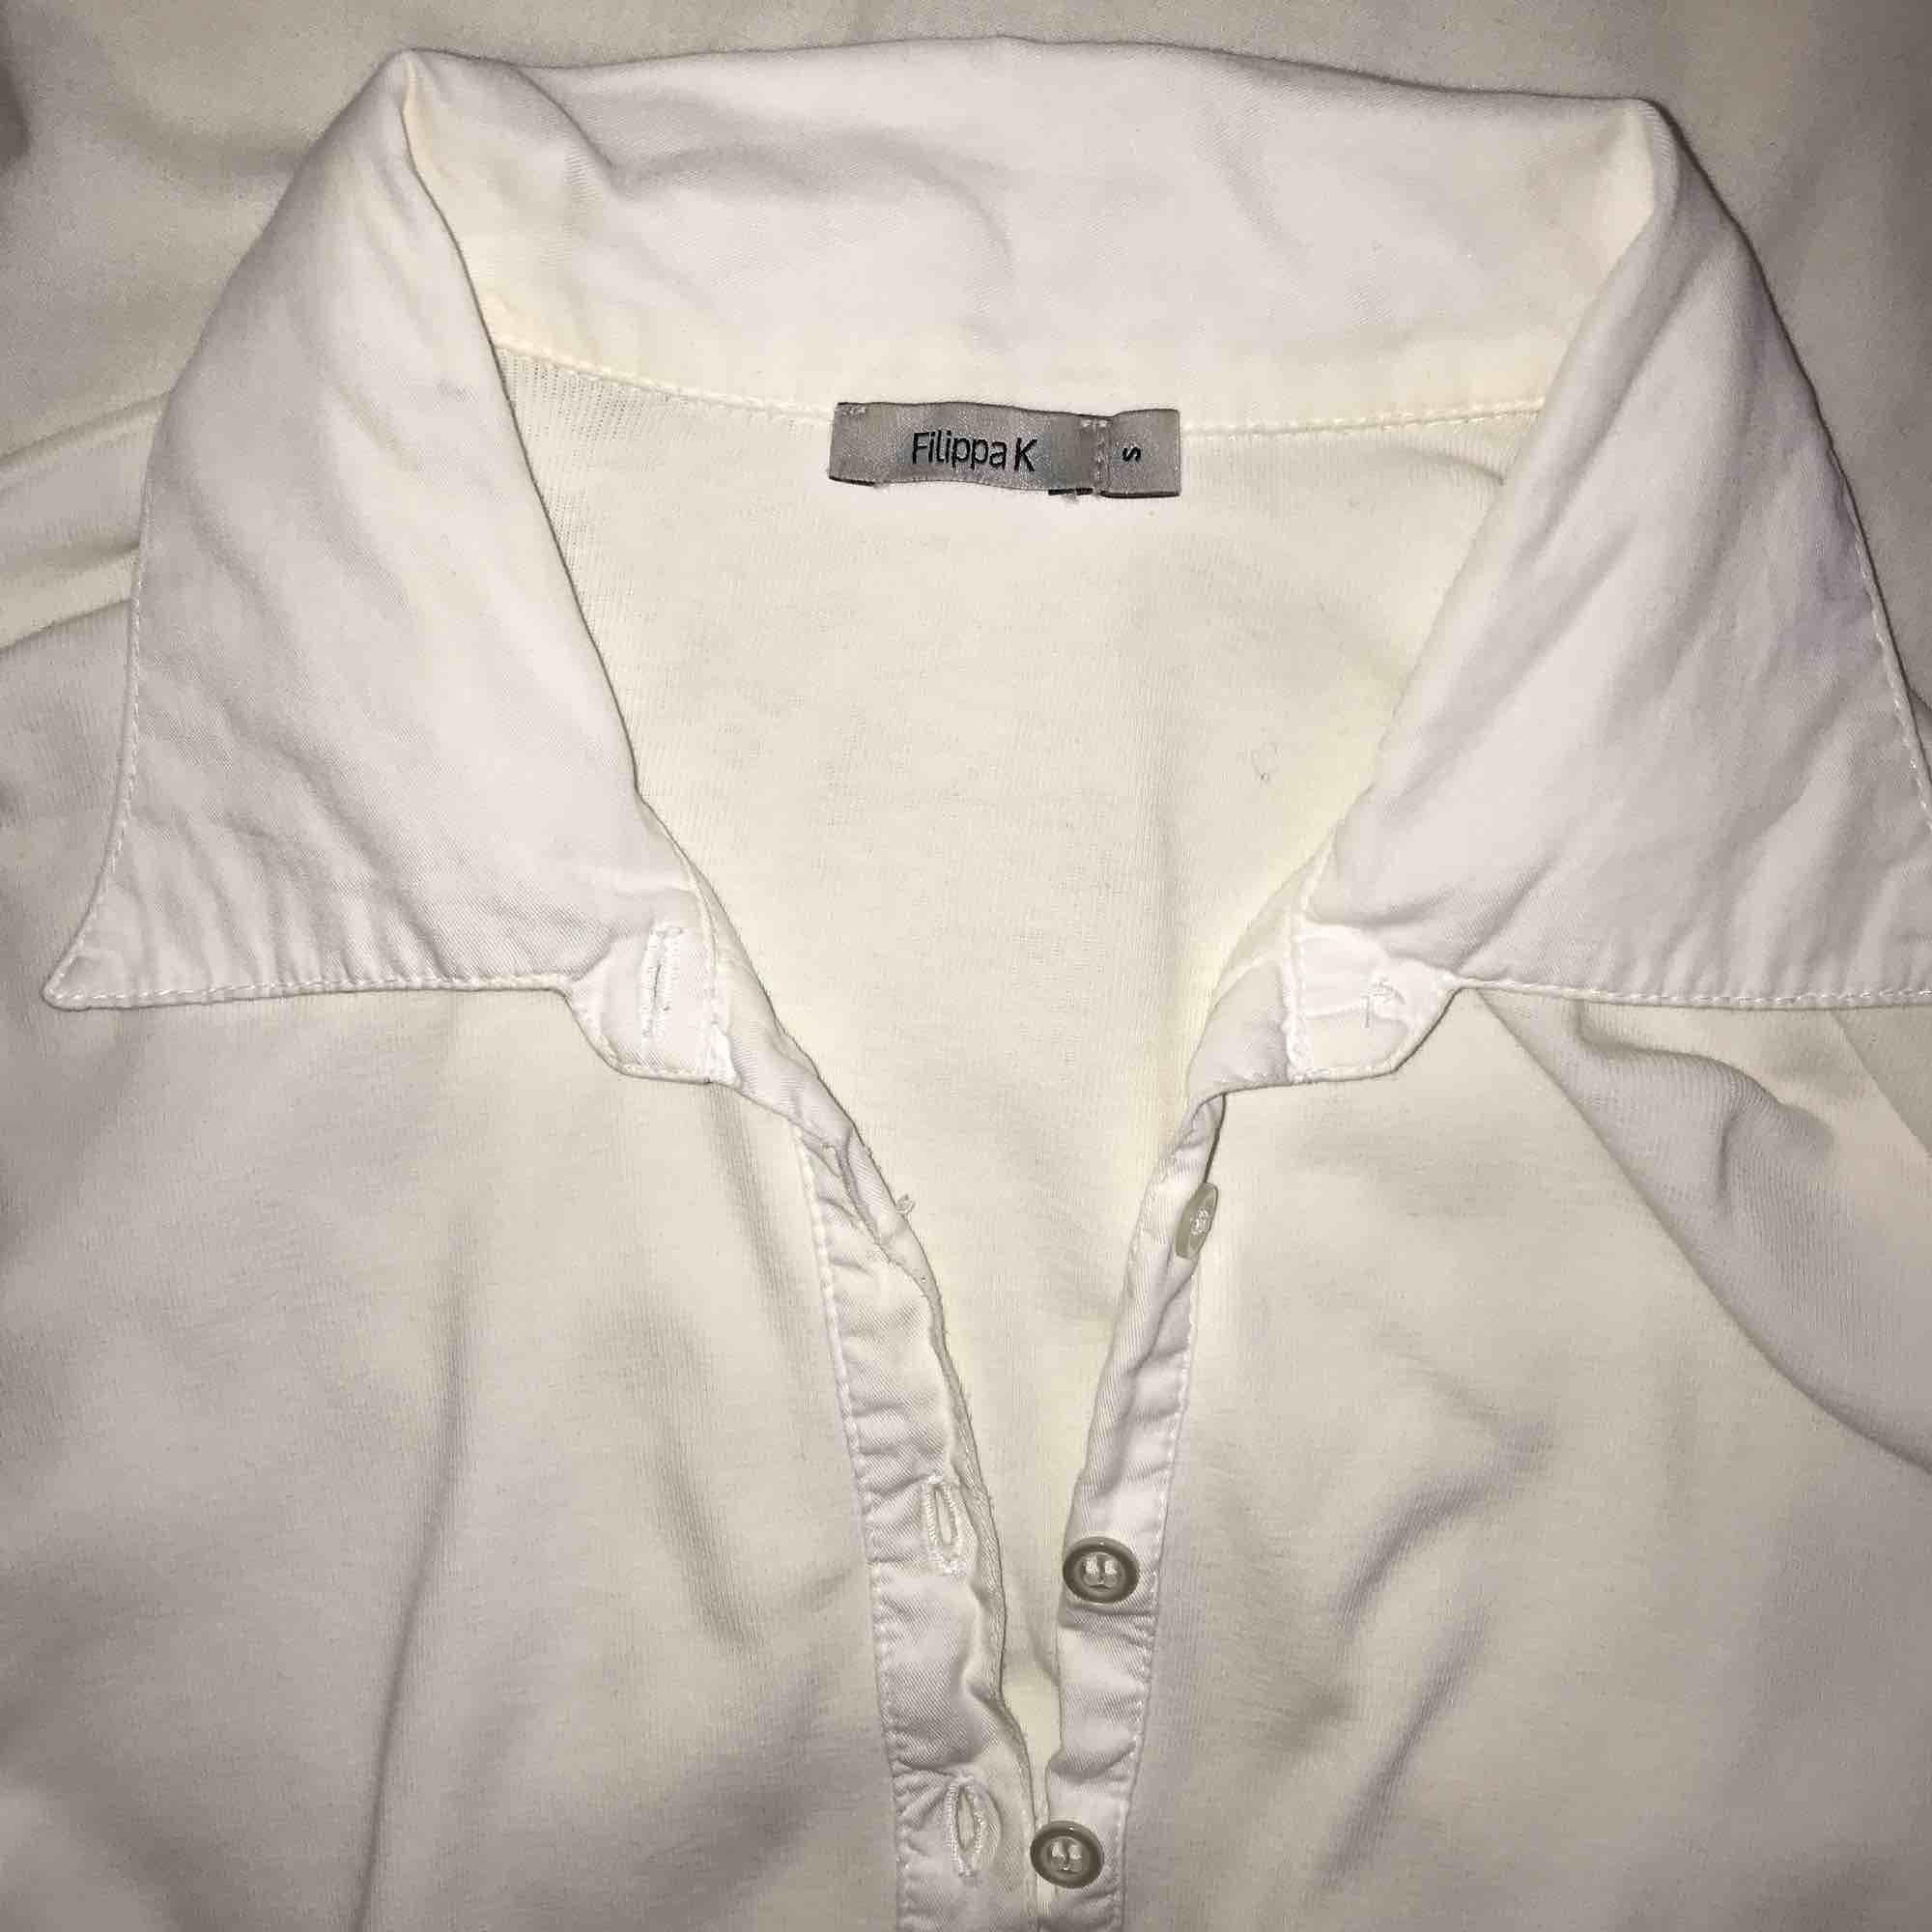 Jättefin Filippa k tröja som passar till allt och med ett guldhalsband i den öppna kragen är looken perfekt. . Övrigt.